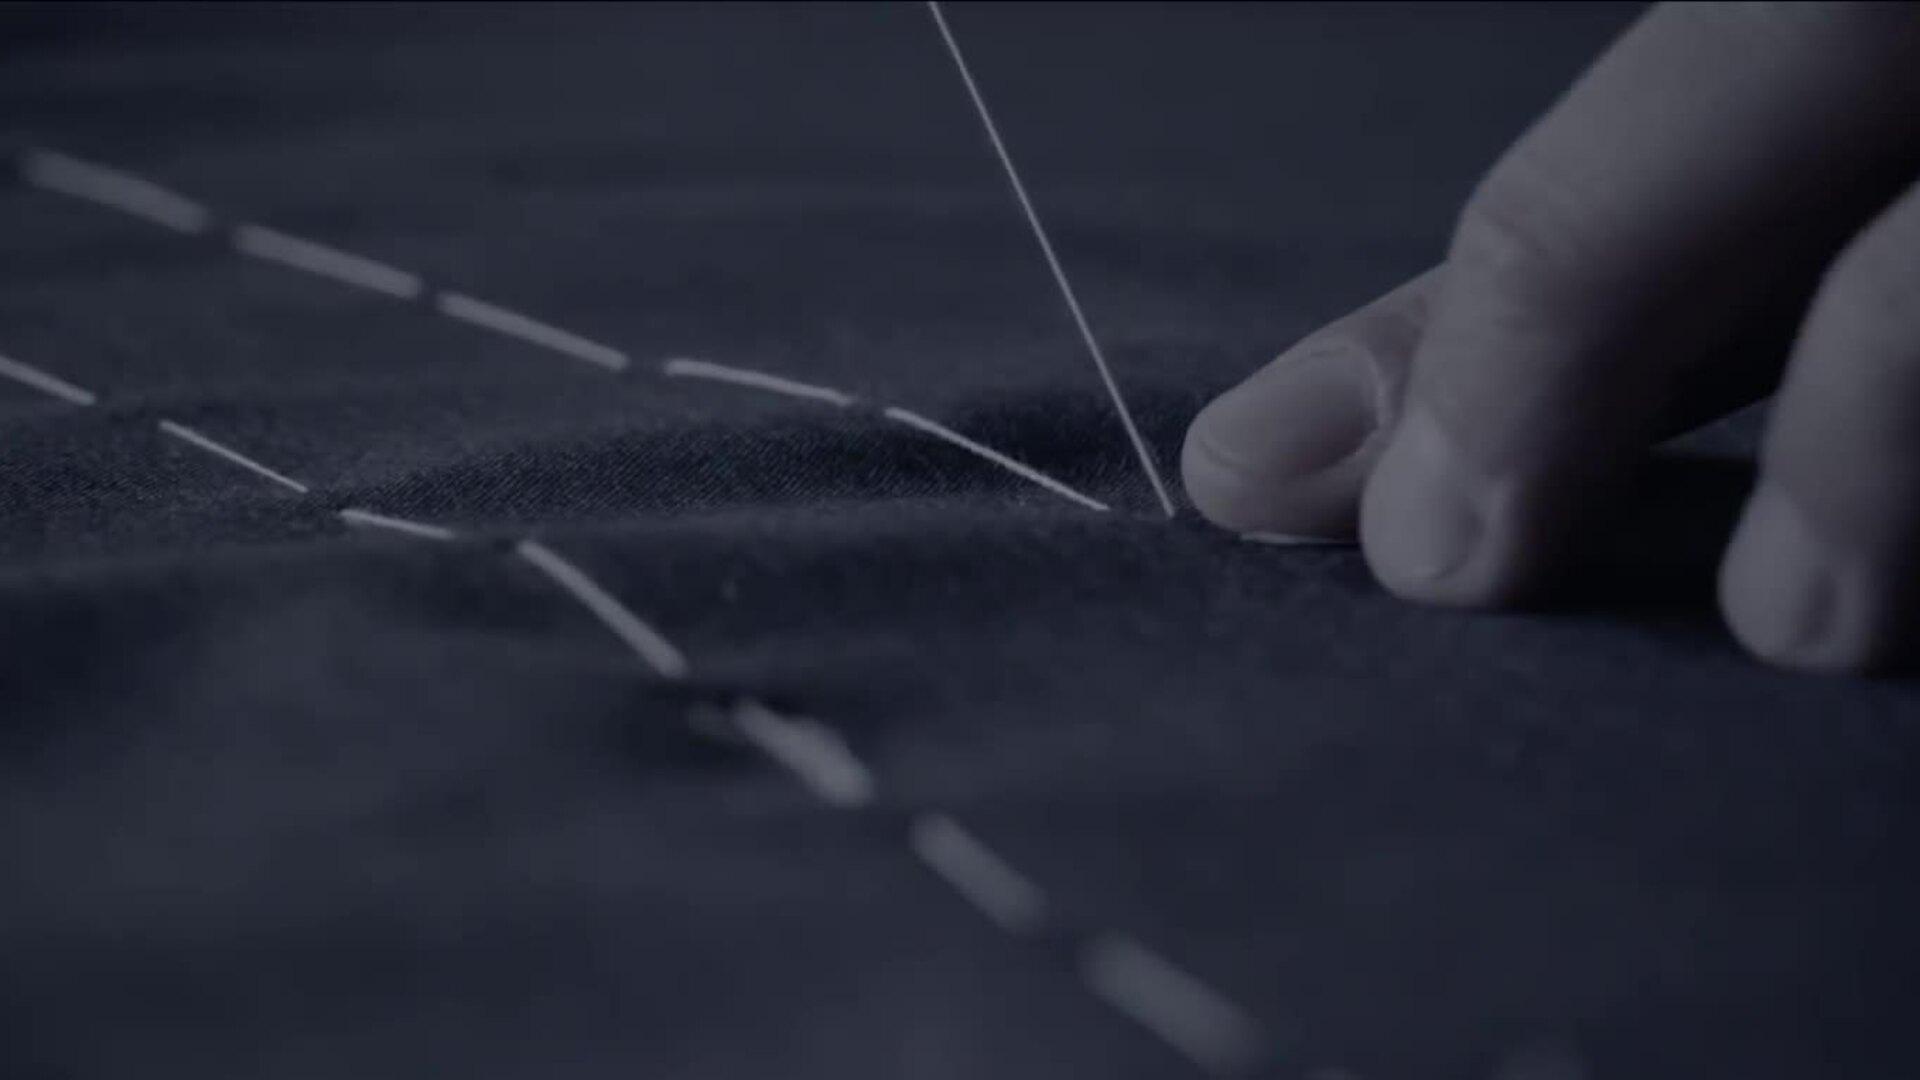 Nghệ thuật cắt may thủ công của Brioni